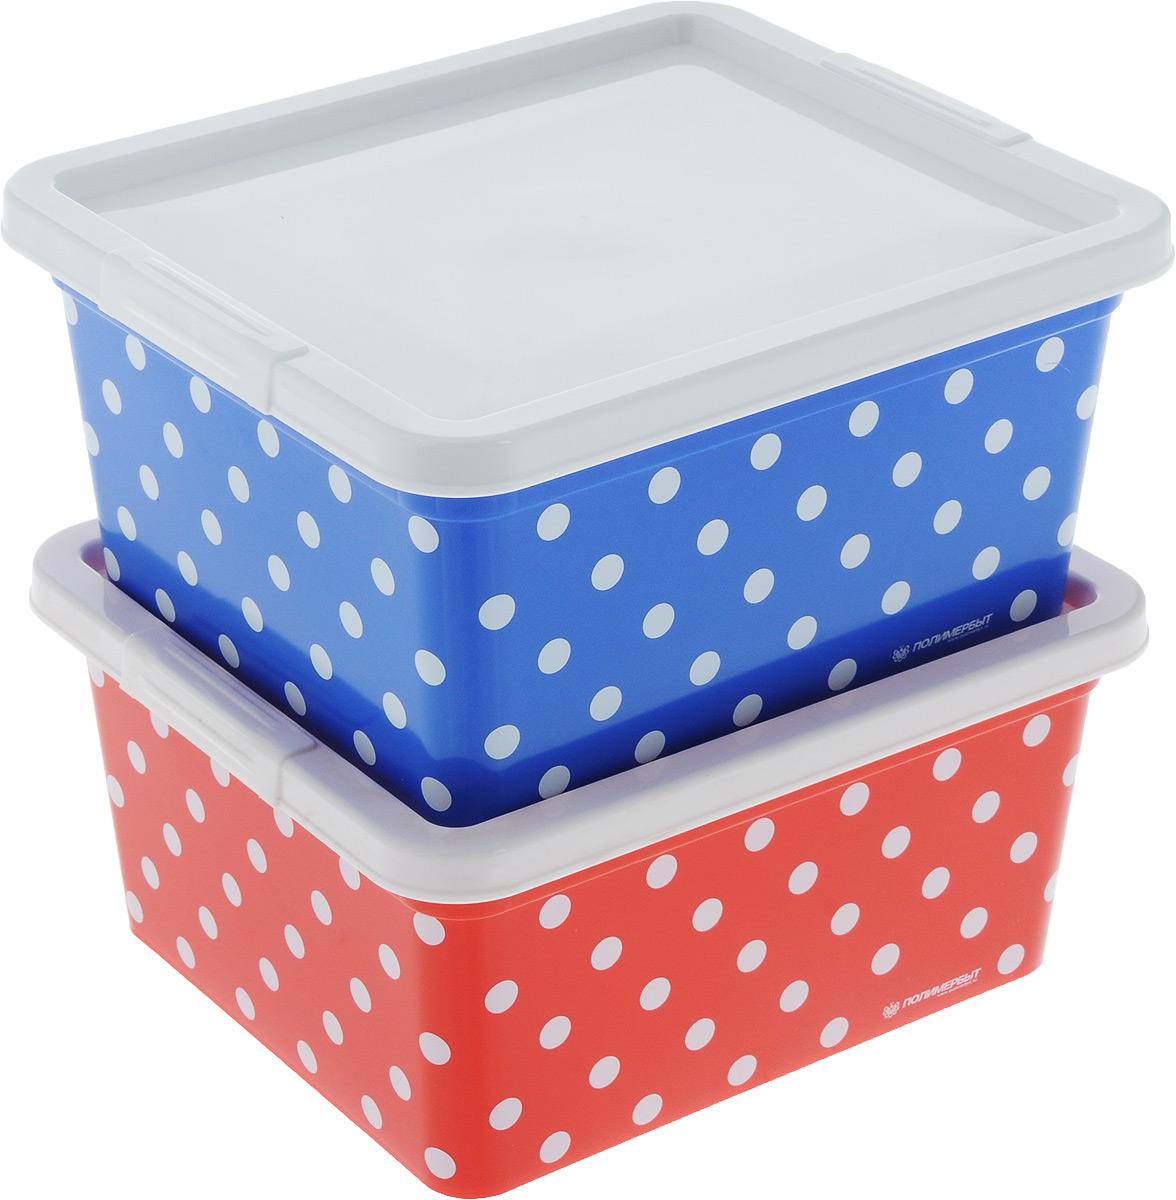 Набор контейнеров для хранения Полимербыт Горох, цвет: синий, красный, белый, 2 шт. SGHPBKP68SGHPBKP68Набор Полимербыт  Горох состоит из двух изготовленных из высококачественного пластика контейнеров для хранения мелочей. Изделие подойдет как для хранения канцелярии, так и для хранения швейных принадлежностей. Размер контейнера (без учета крышки): 18,5 х 16 см. Высота контейнера (без учета крышки): 9 см.